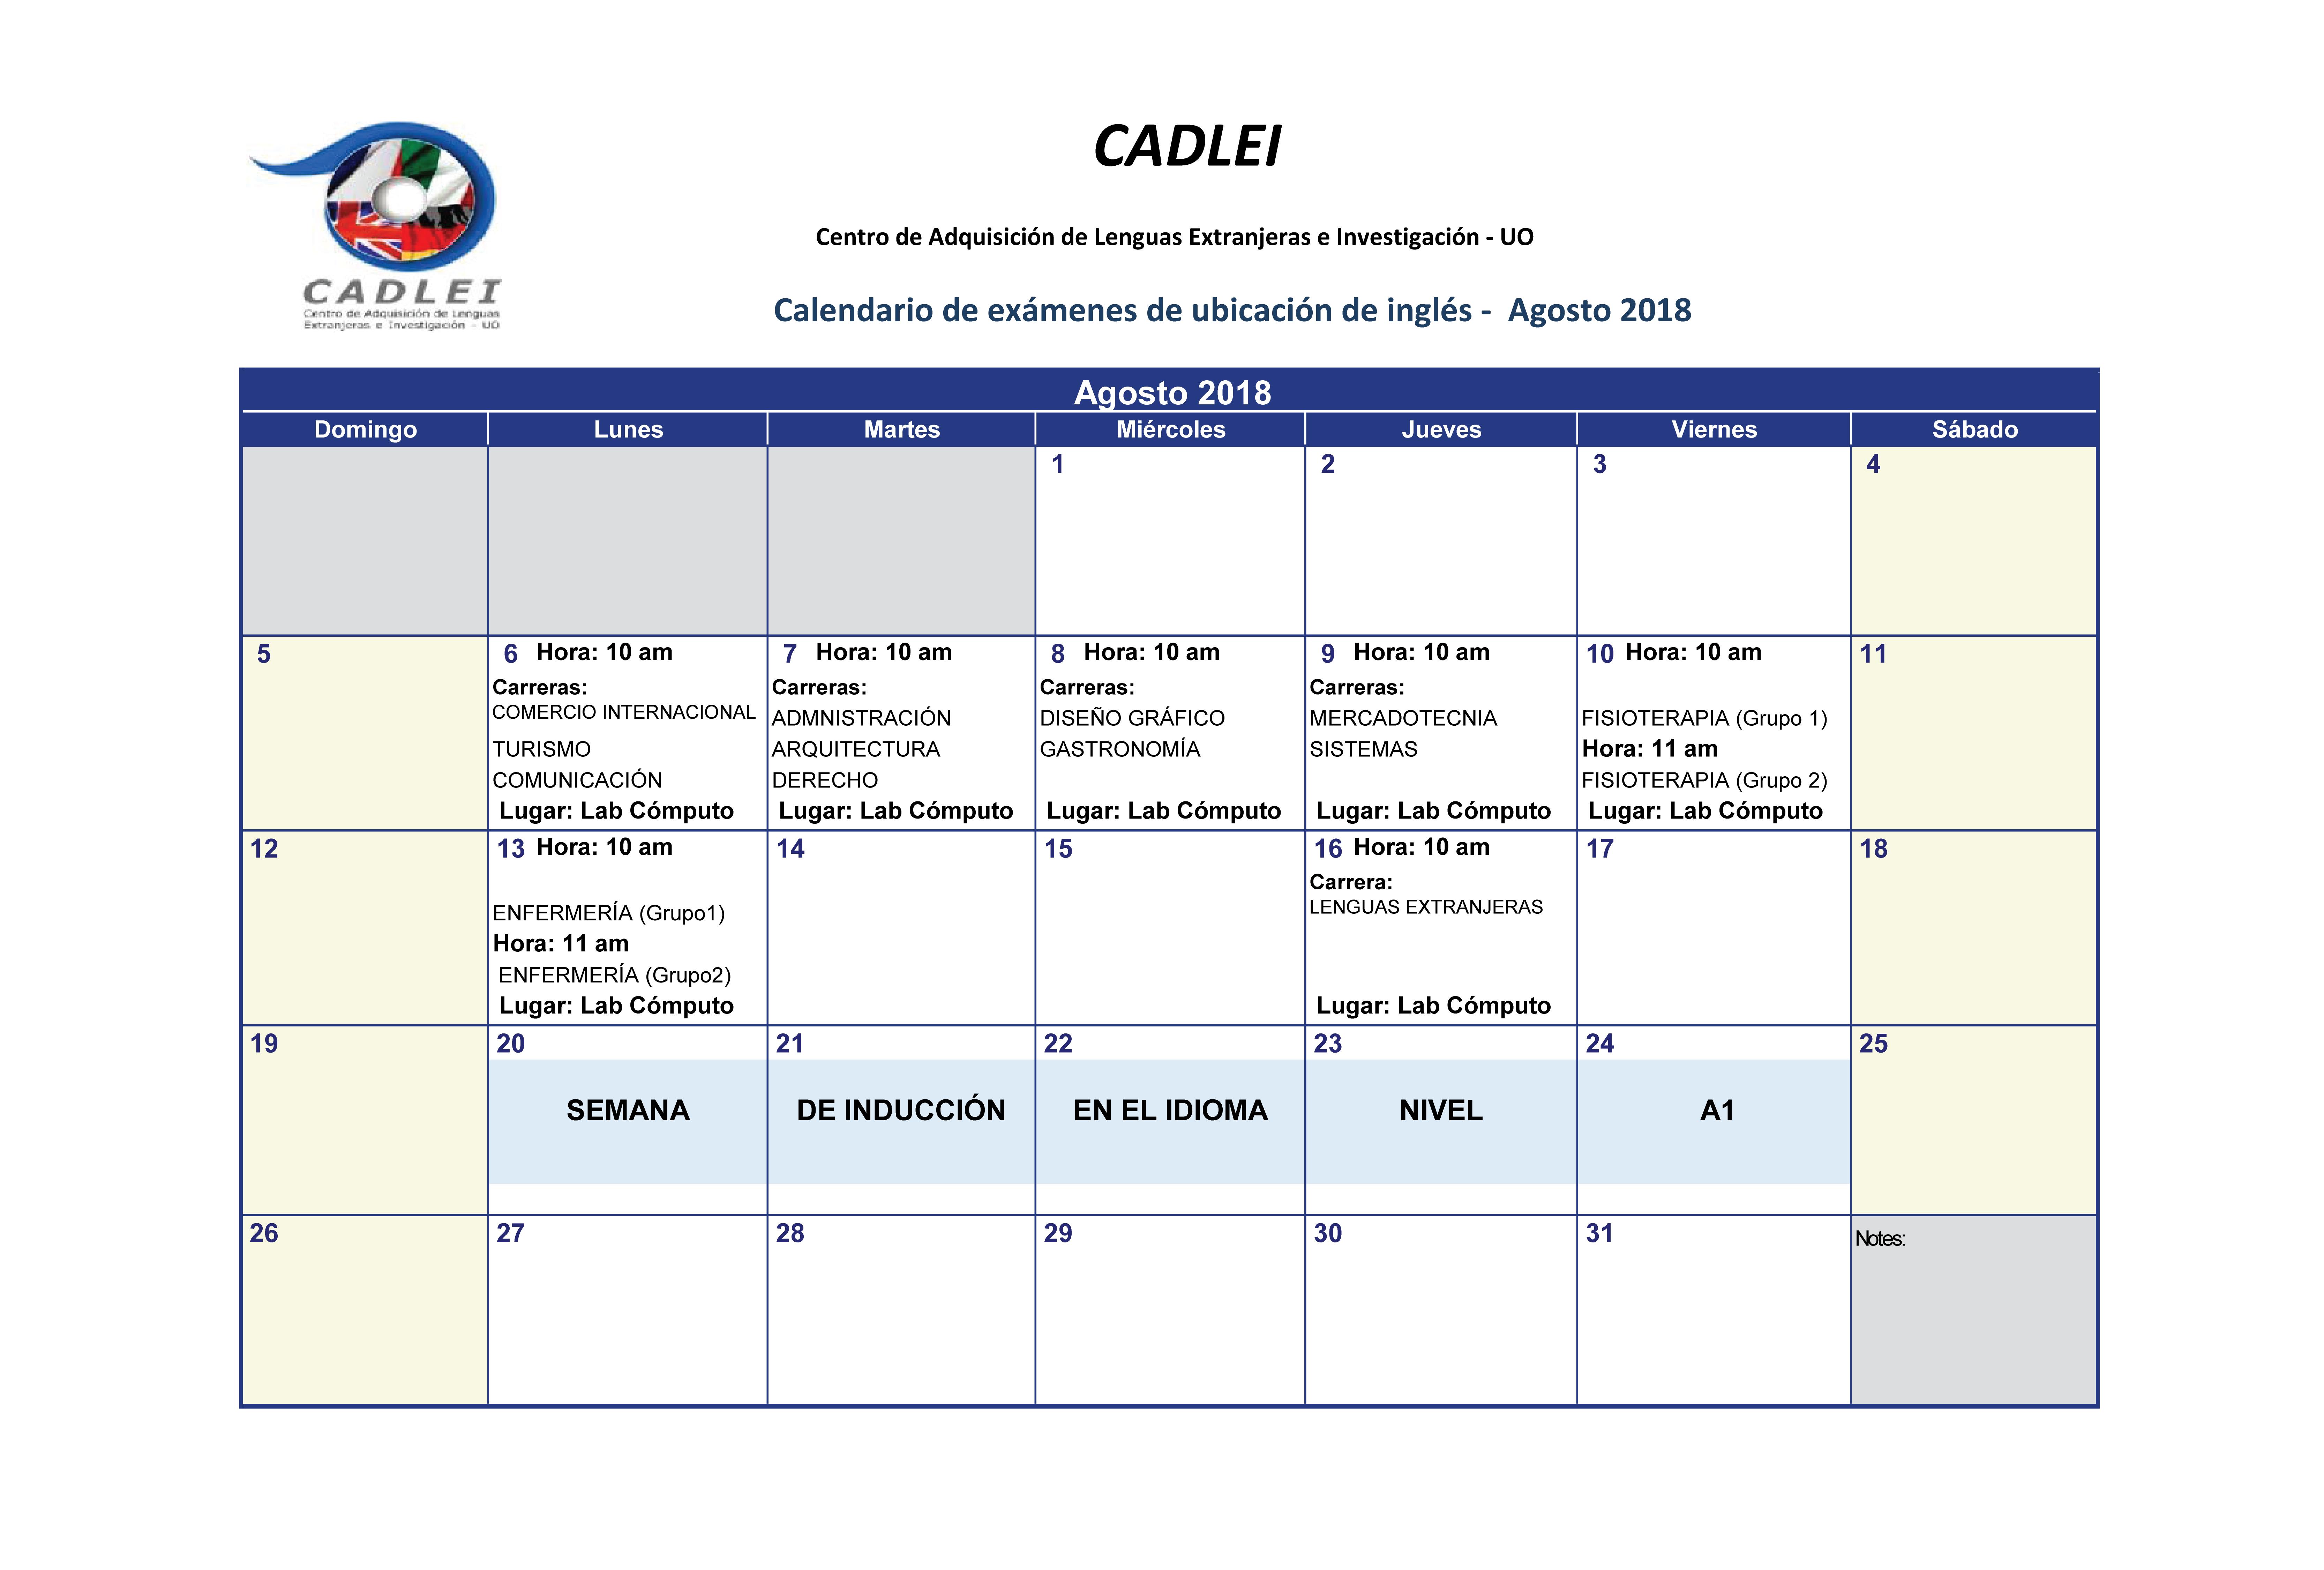 Calendario De Examenes.Calendario De Examenes De Ubicacion 2018 Universidad De Oriente